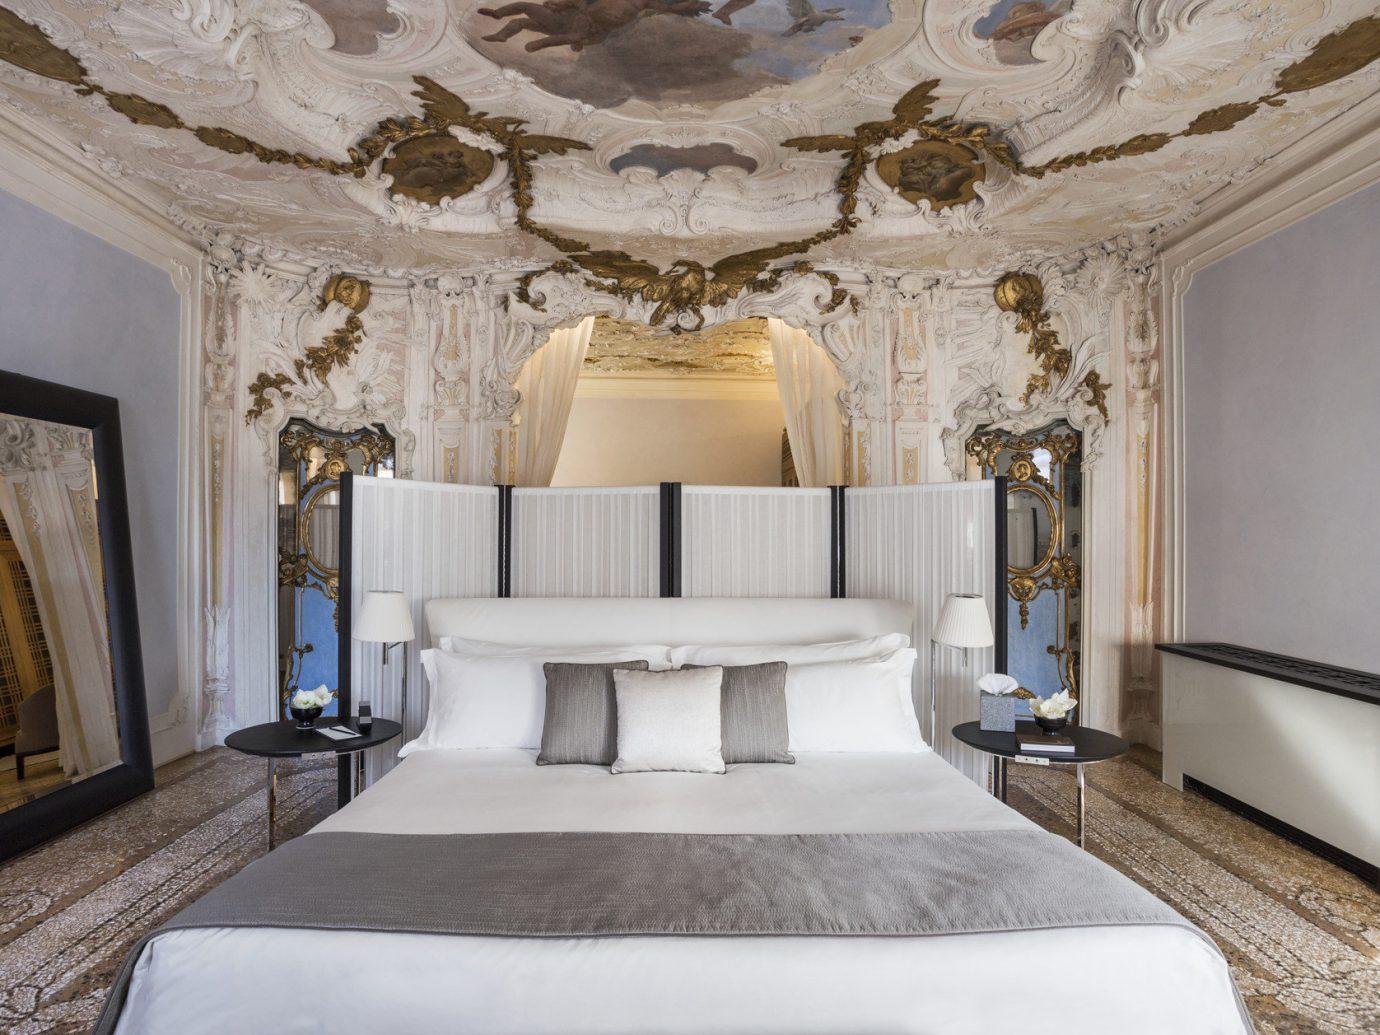 Hotels indoor wall bed room property estate living room interior design ceiling mansion floor furniture Suite Bedroom Design hotel real estate